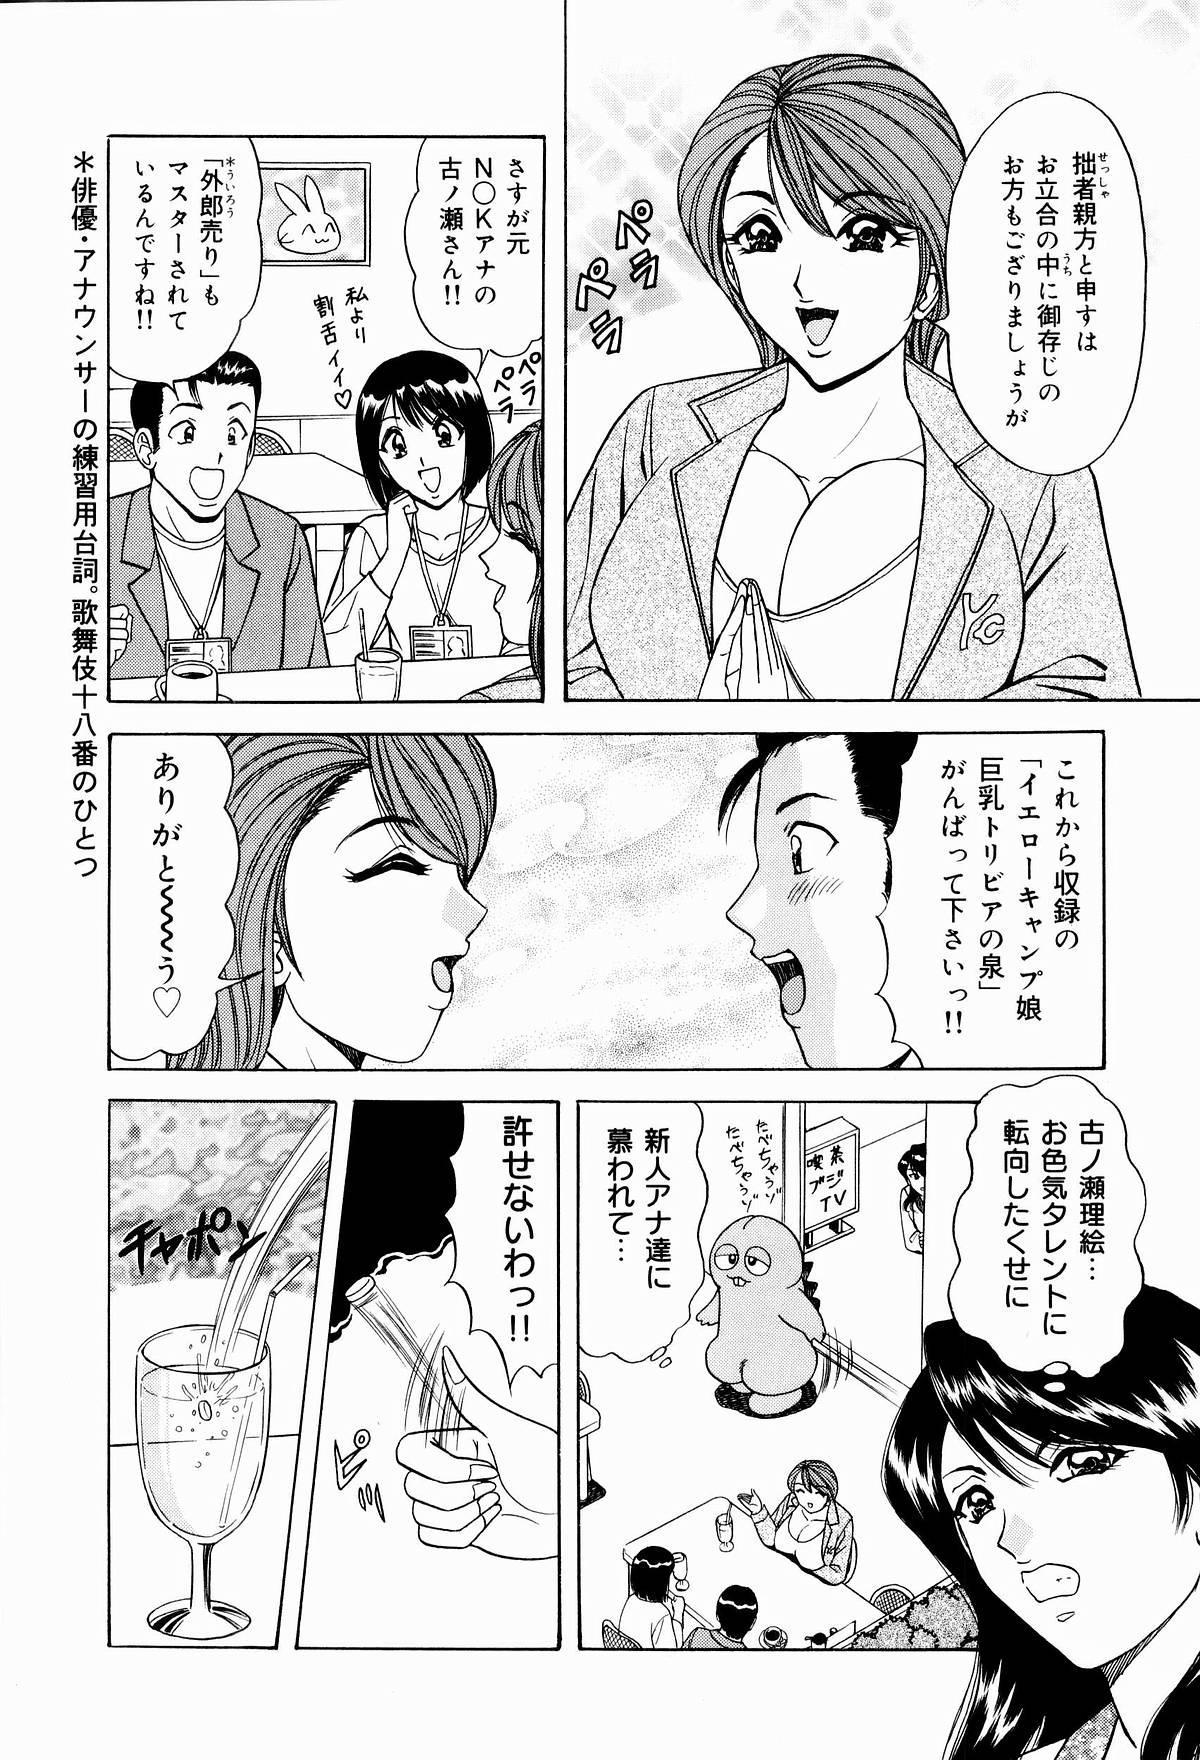 Kyonyuu Ana Konose Rie Suikappu Kiki Ippatsu 77